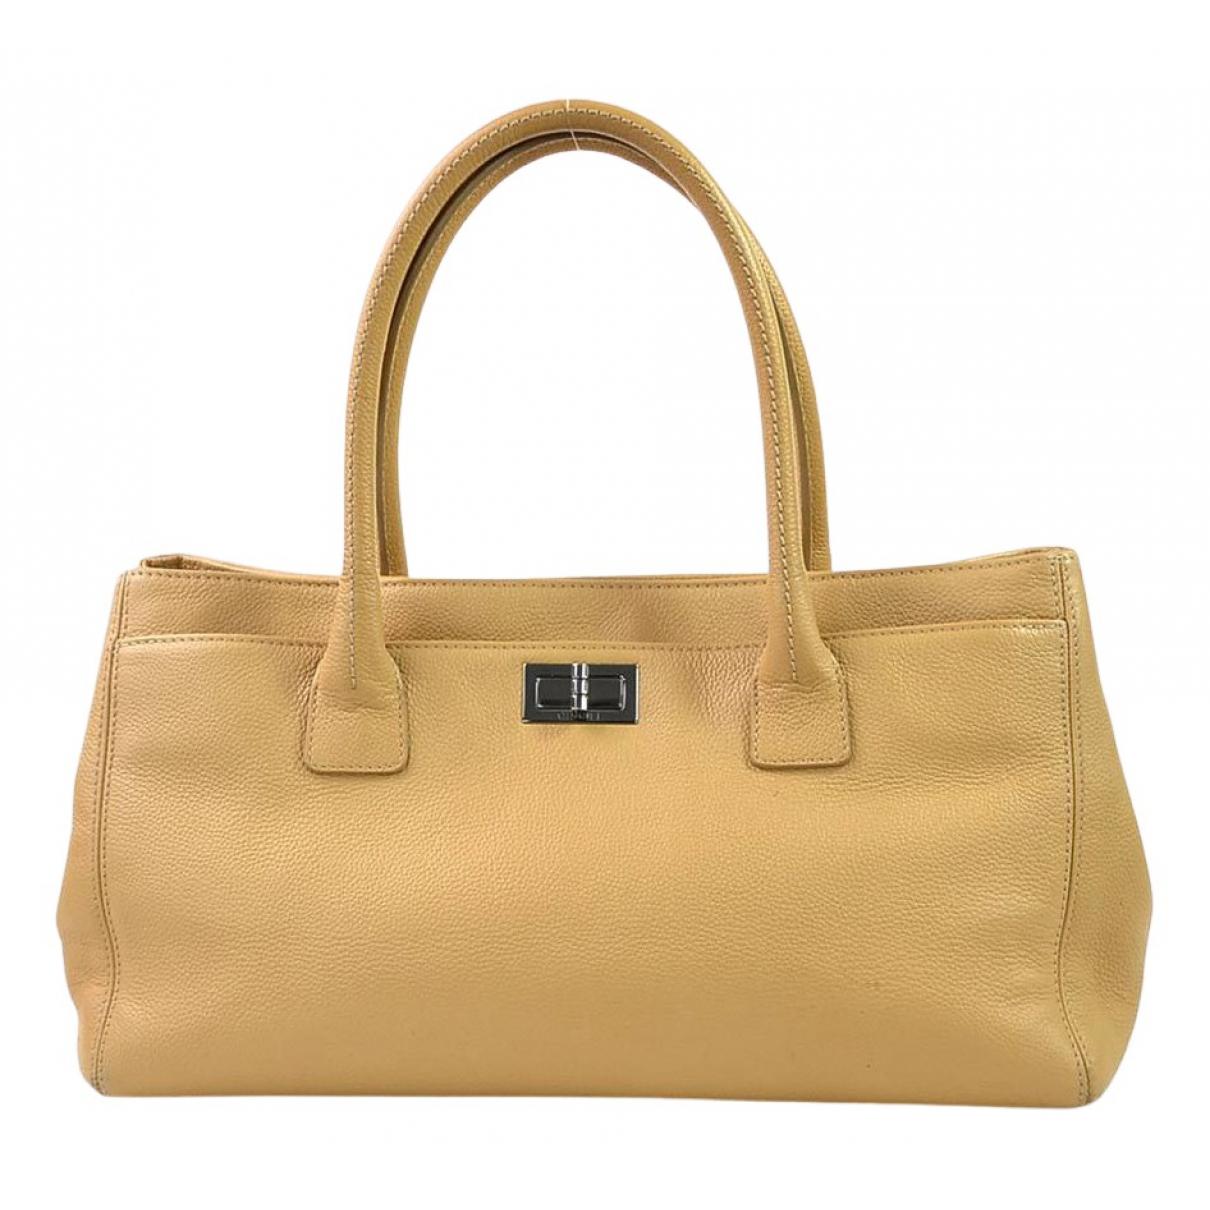 Chanel - Sac a main Executive pour femme en cuir - beige